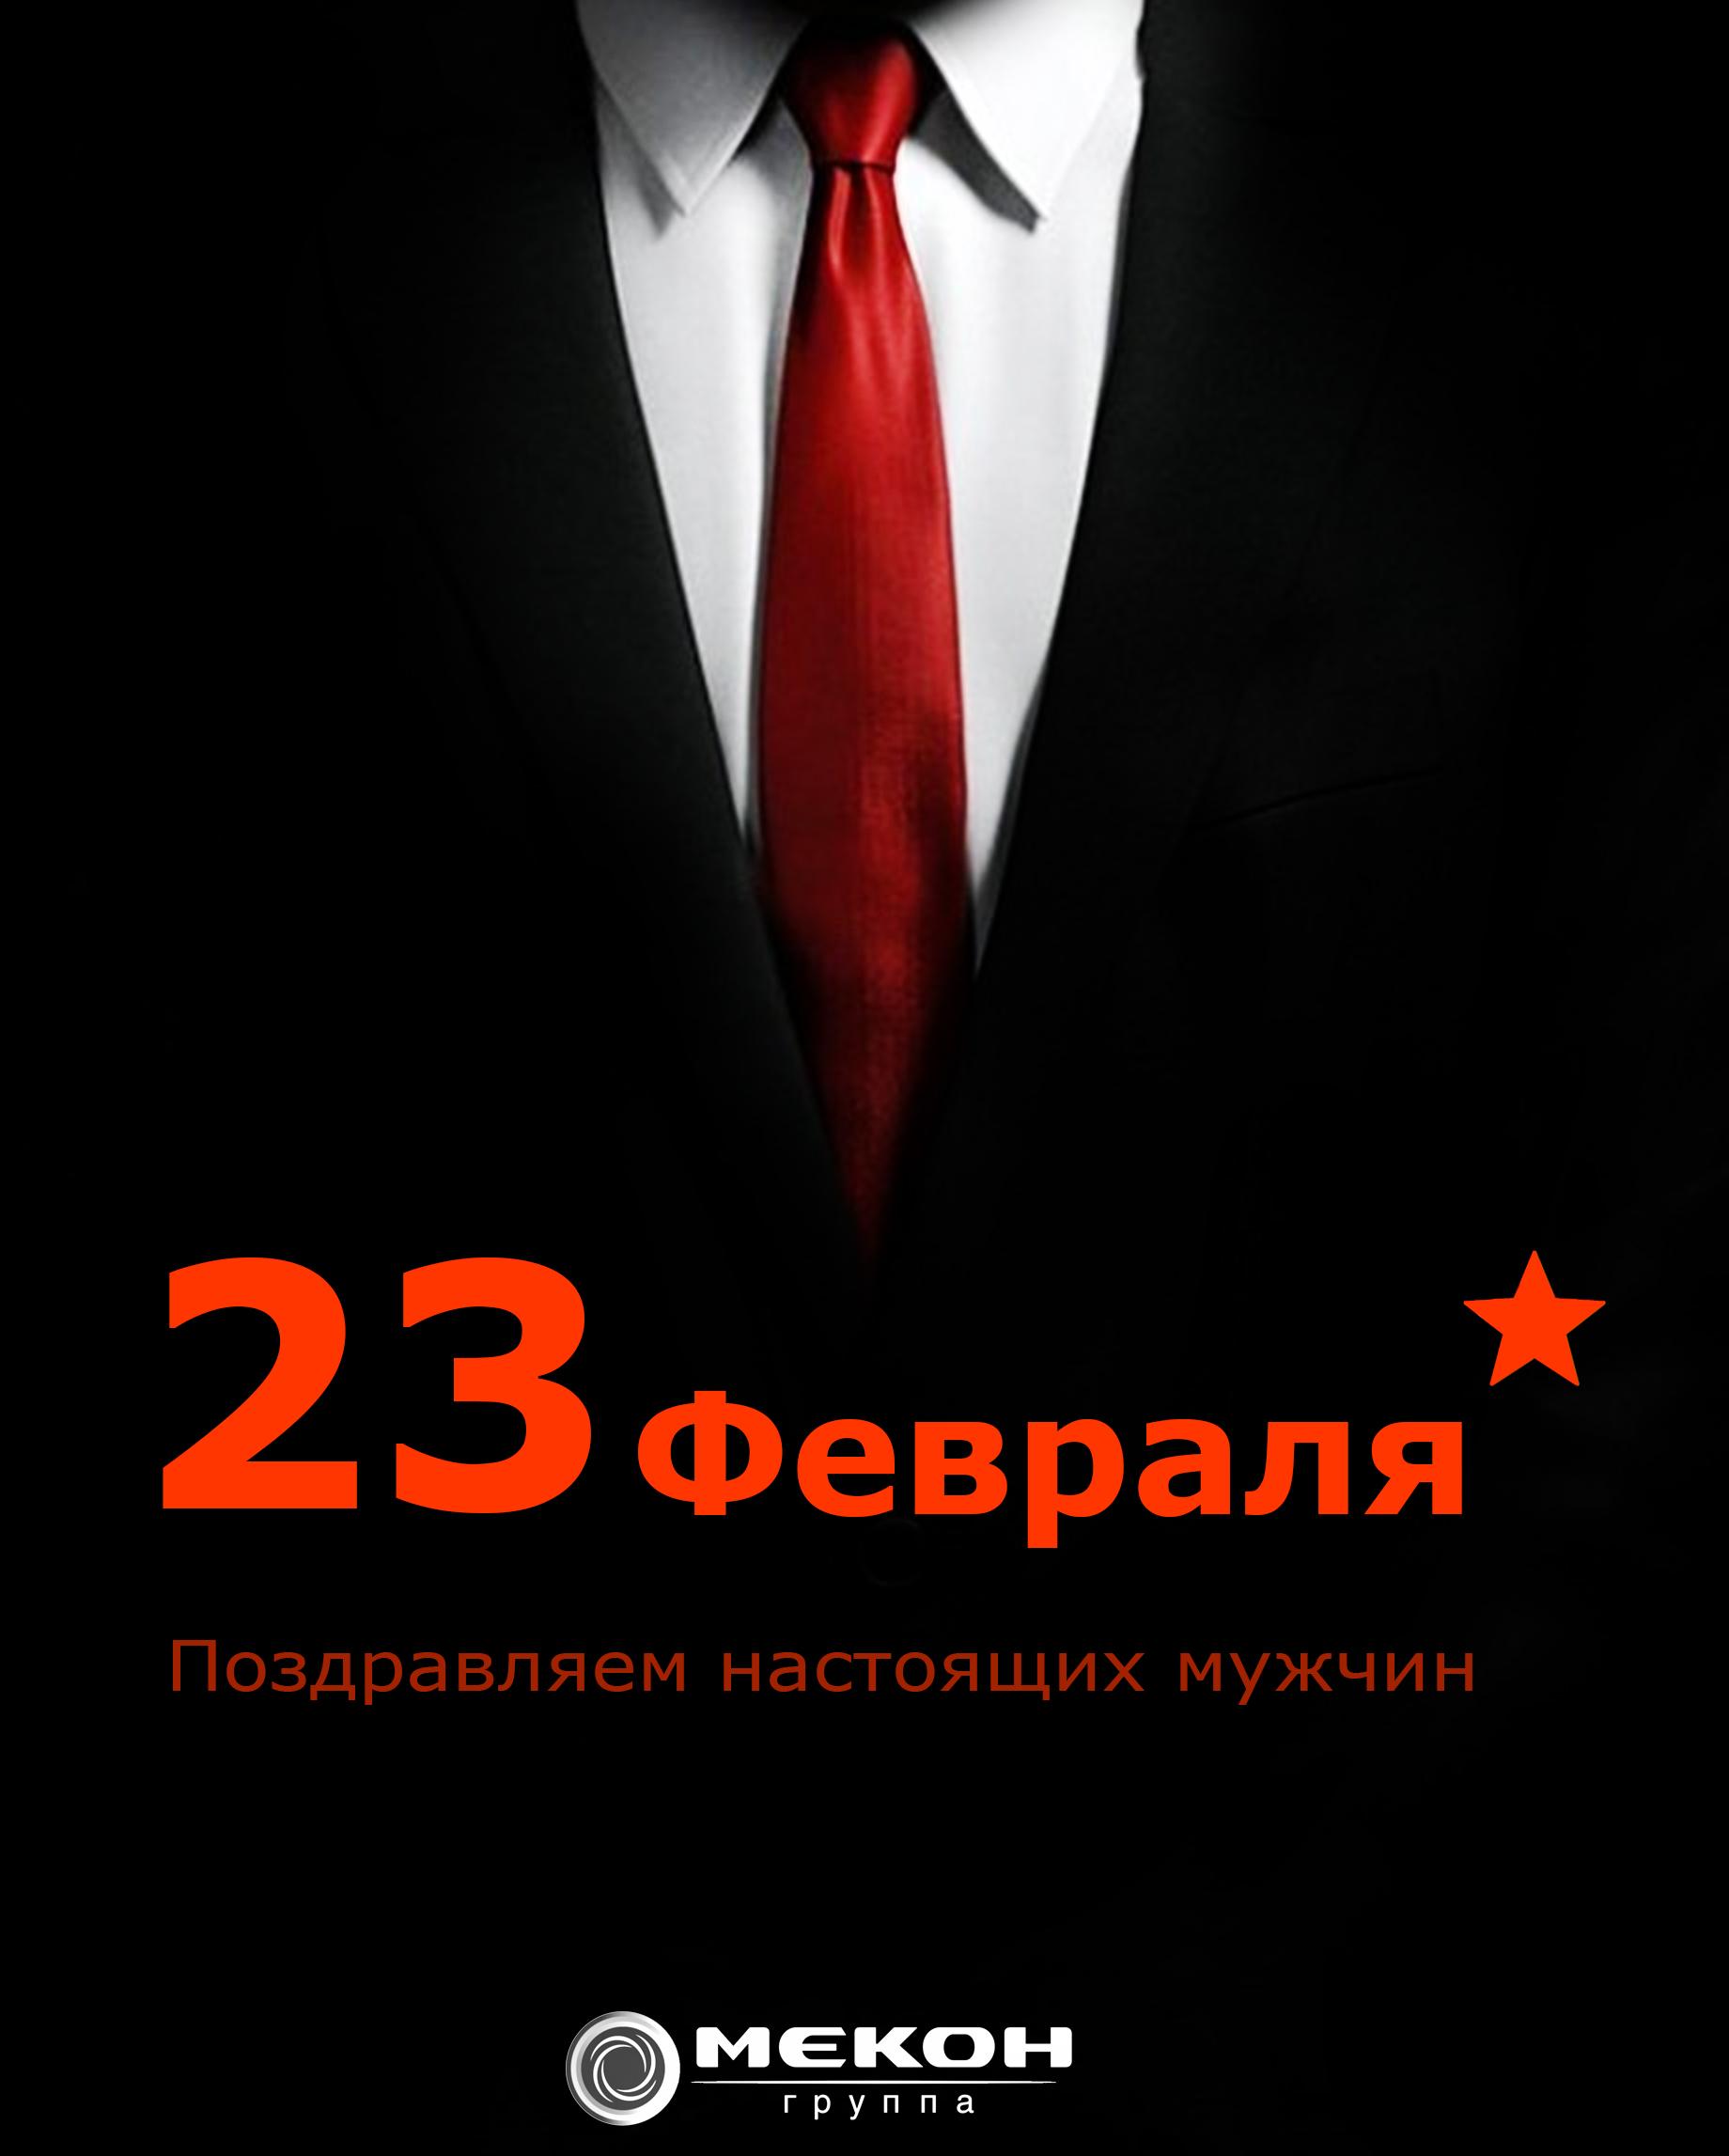 Смешные поздравления мужчине в день рождения 29